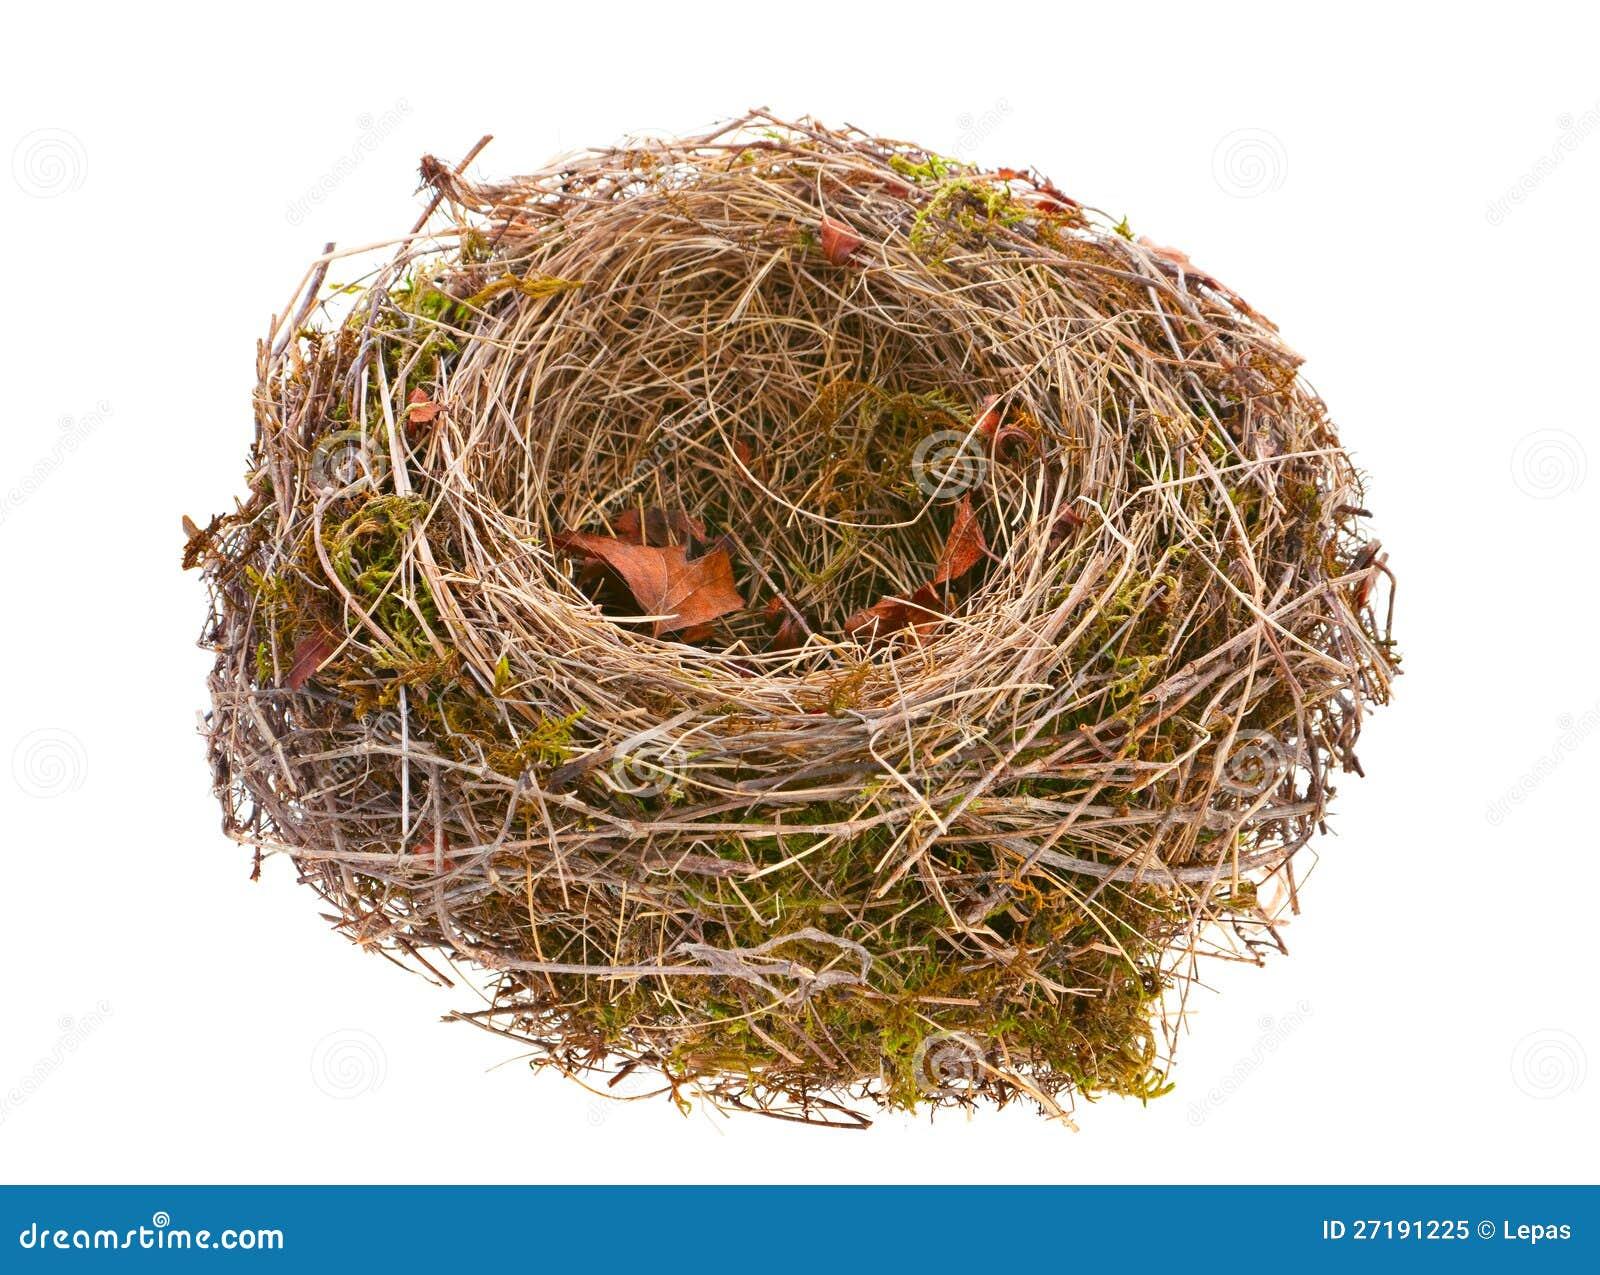 гнездо картинка графическая